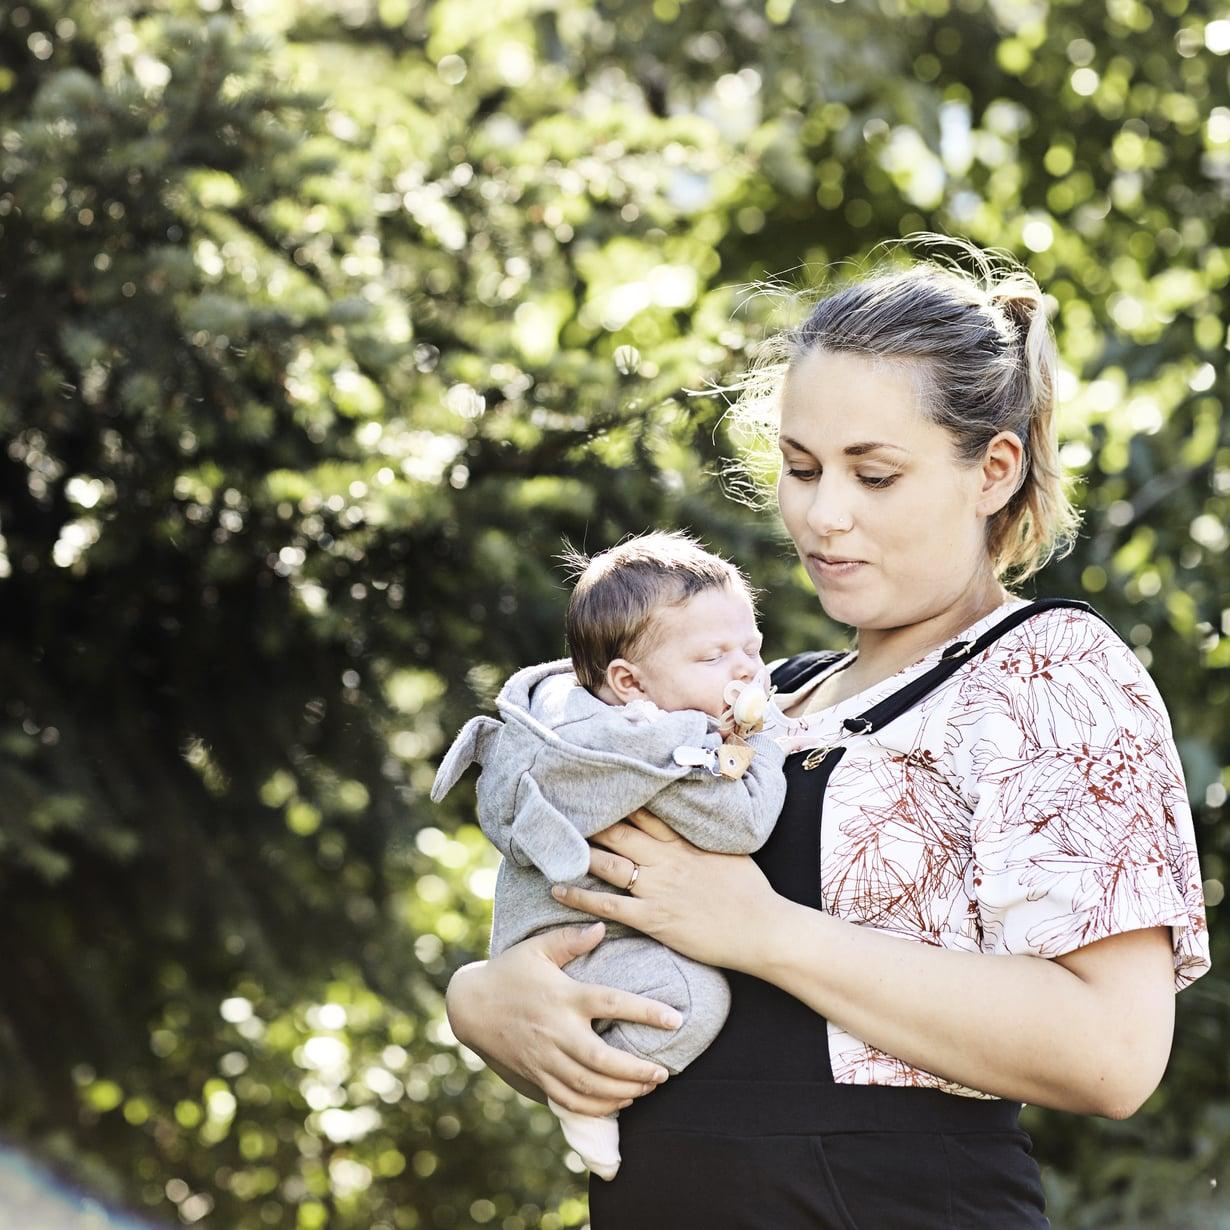 Mirjam Sokka alkoi miettiä lastenvaatevalintojensa ekologisuutta ja eettisyyttä saatuaan esikoisensa kolme vuotta sitten. Kuopus syntyi viime keväänä. Kuva: Amanda Aho